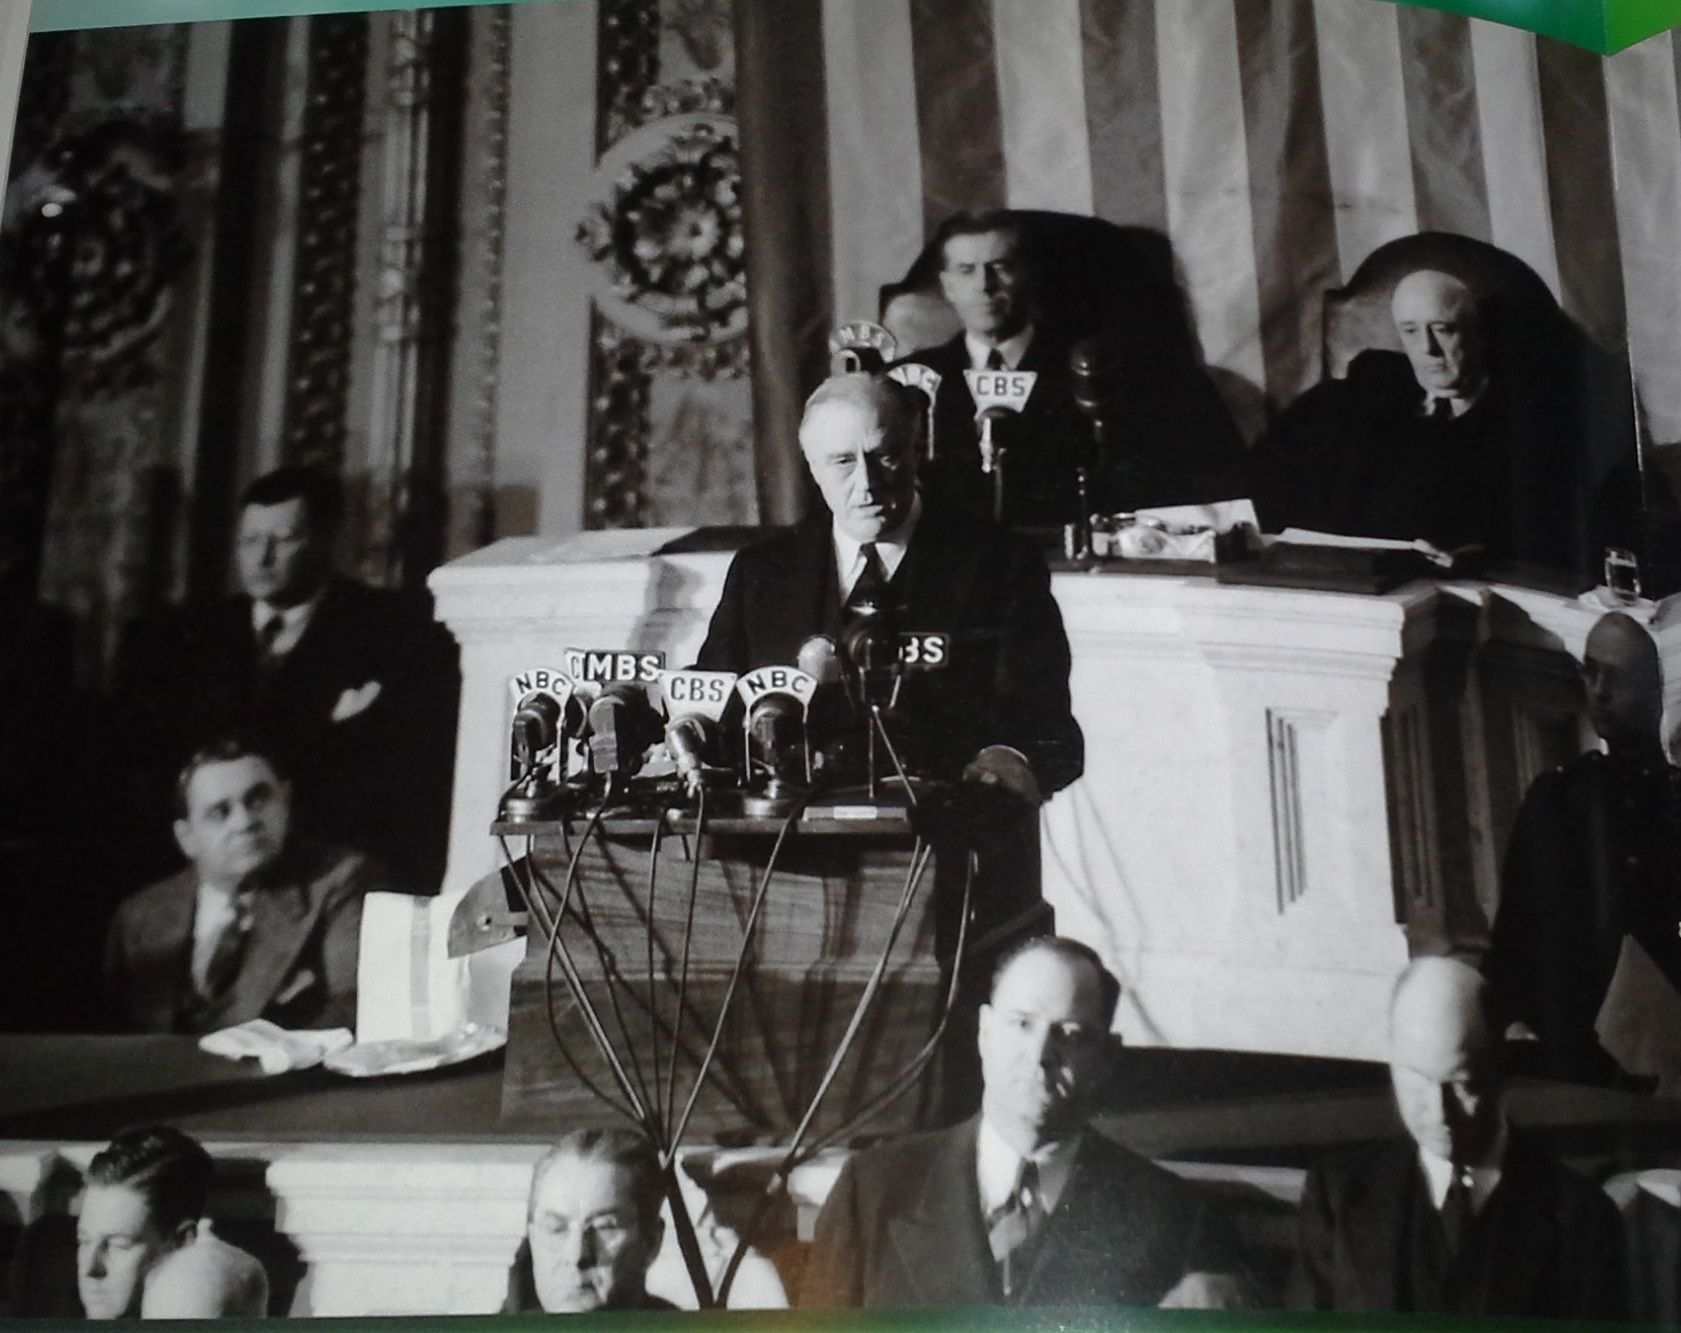 10- '' Nous avons fini par gagner...'' Le 8 décembre 1941, le président Roosevelt s'adresse au congrès  en demandant le vote de tous pour la guerre contre le Japon. À cette demande, une union sacrée se développe entre les républicains et les démocraties. S'en suit, le 1er janvier 1942 la Déclaration des Nations Unies et la formation de la Grande Alliance contre les puissances de l'Axe et du Japon.     Facon, P. Pearl Habor. UE, Editeal, 2011, p.80.